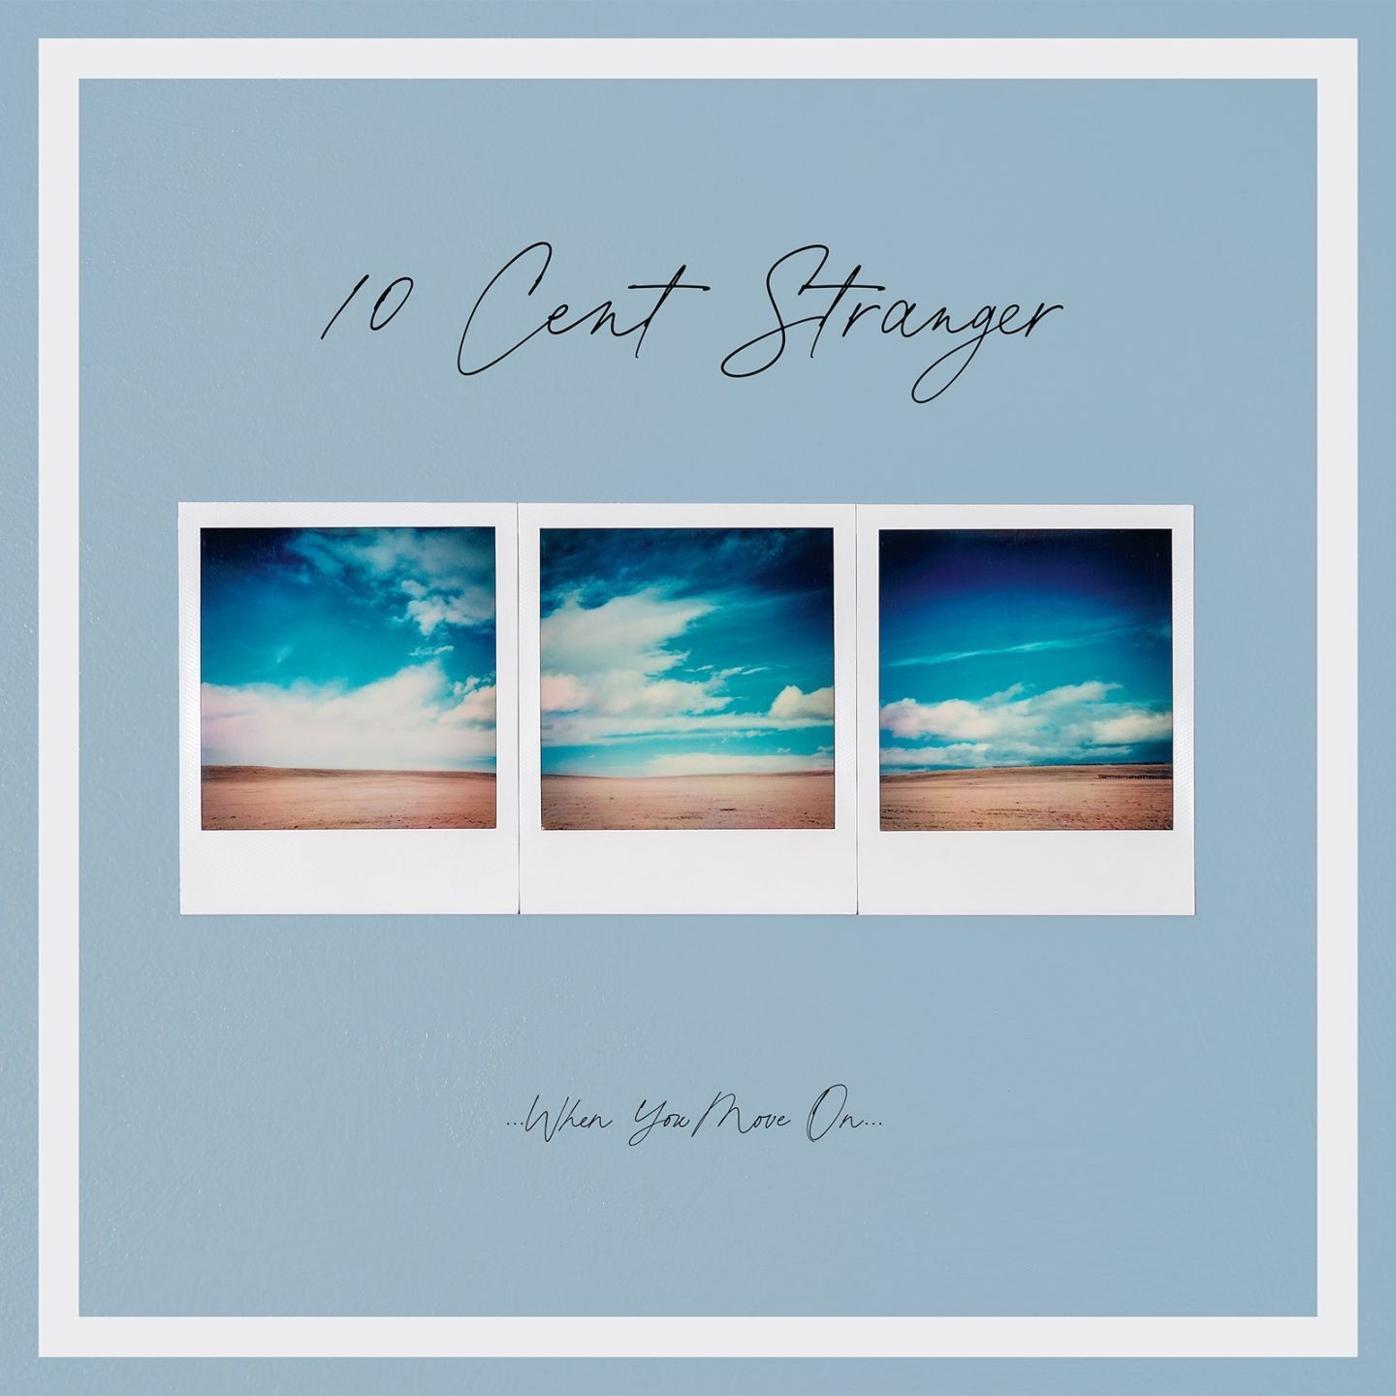 10 Cent Stranger album cover